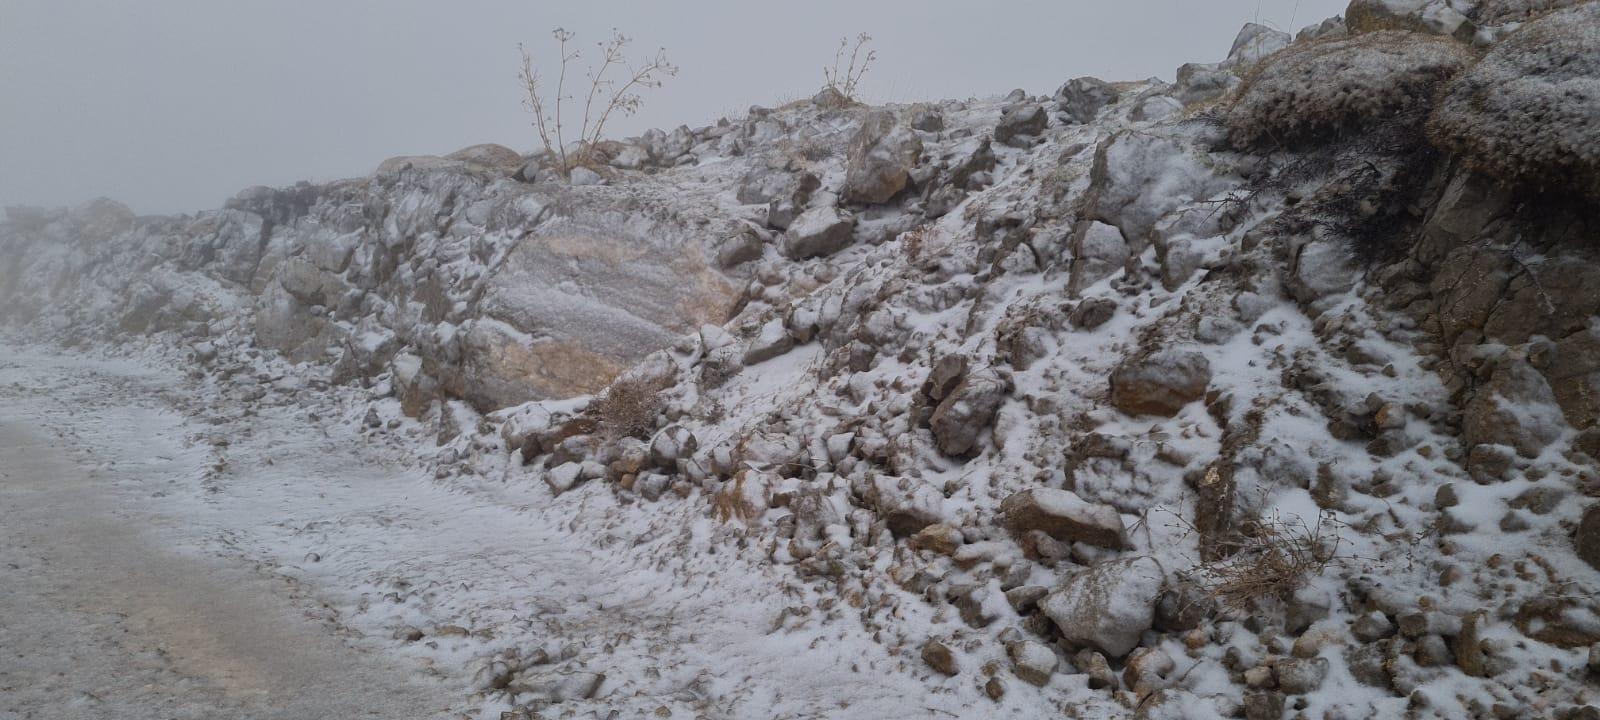 شاهد | تساقط الثلوج على قمة جبل الشيخ